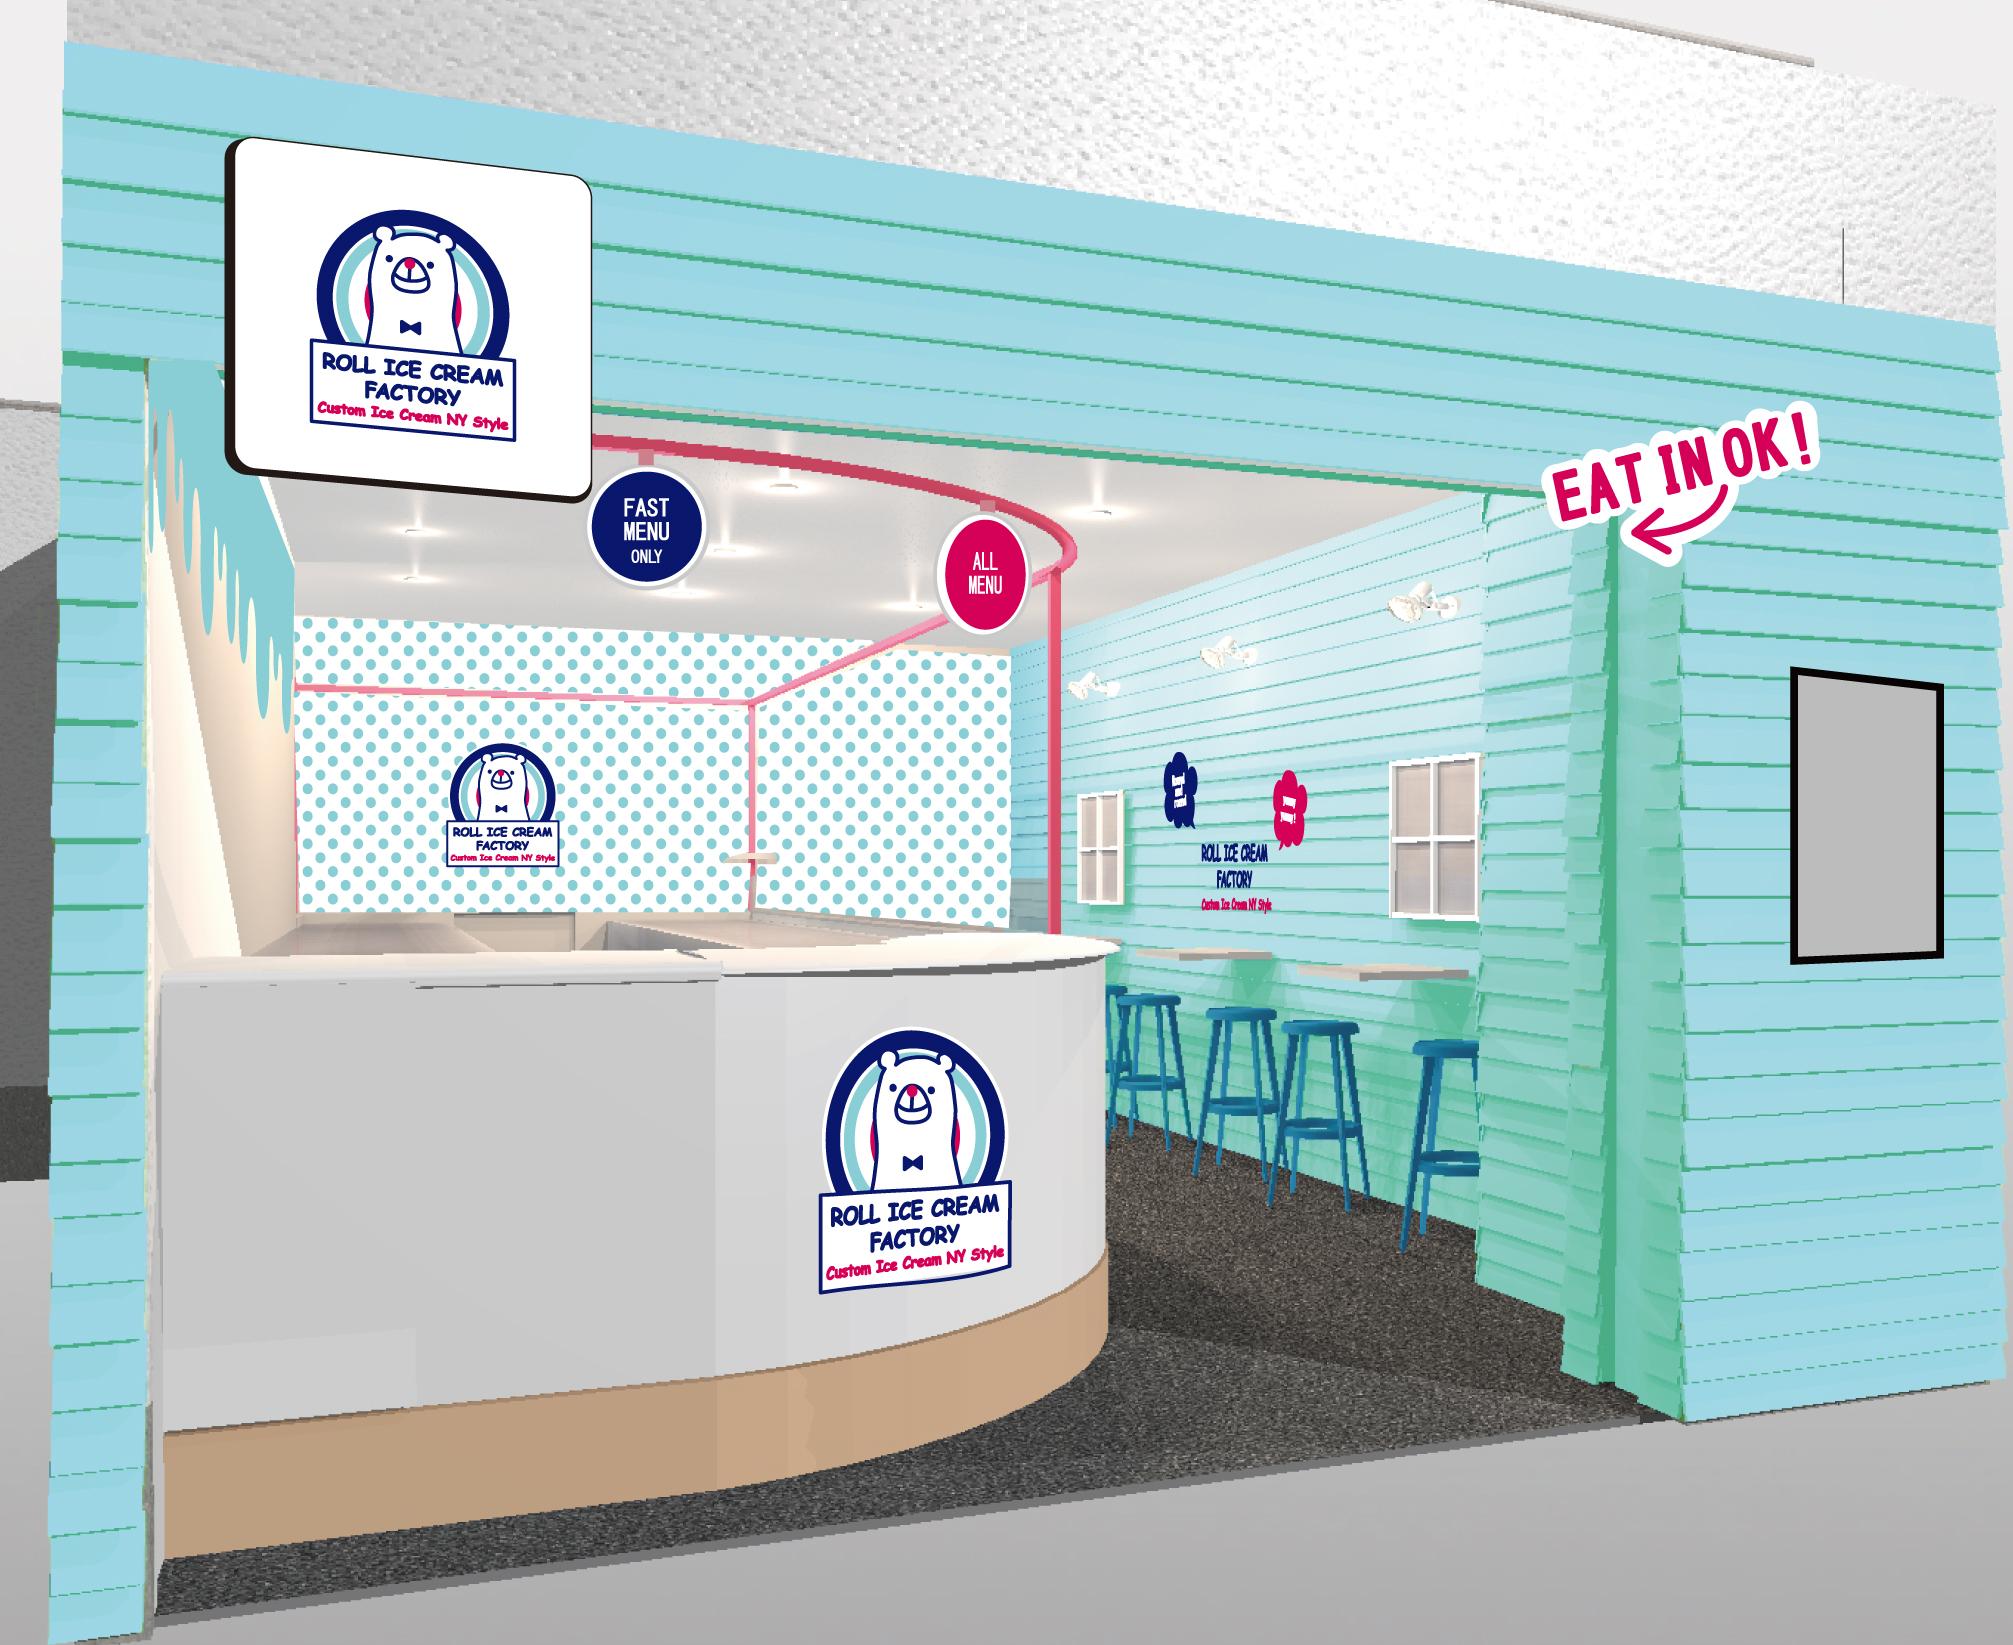 インスタ映えで話題、ロールアイス専門店「ROLL ICE CREAM FACTORY」が6/28に栄でオープン - sub1 1